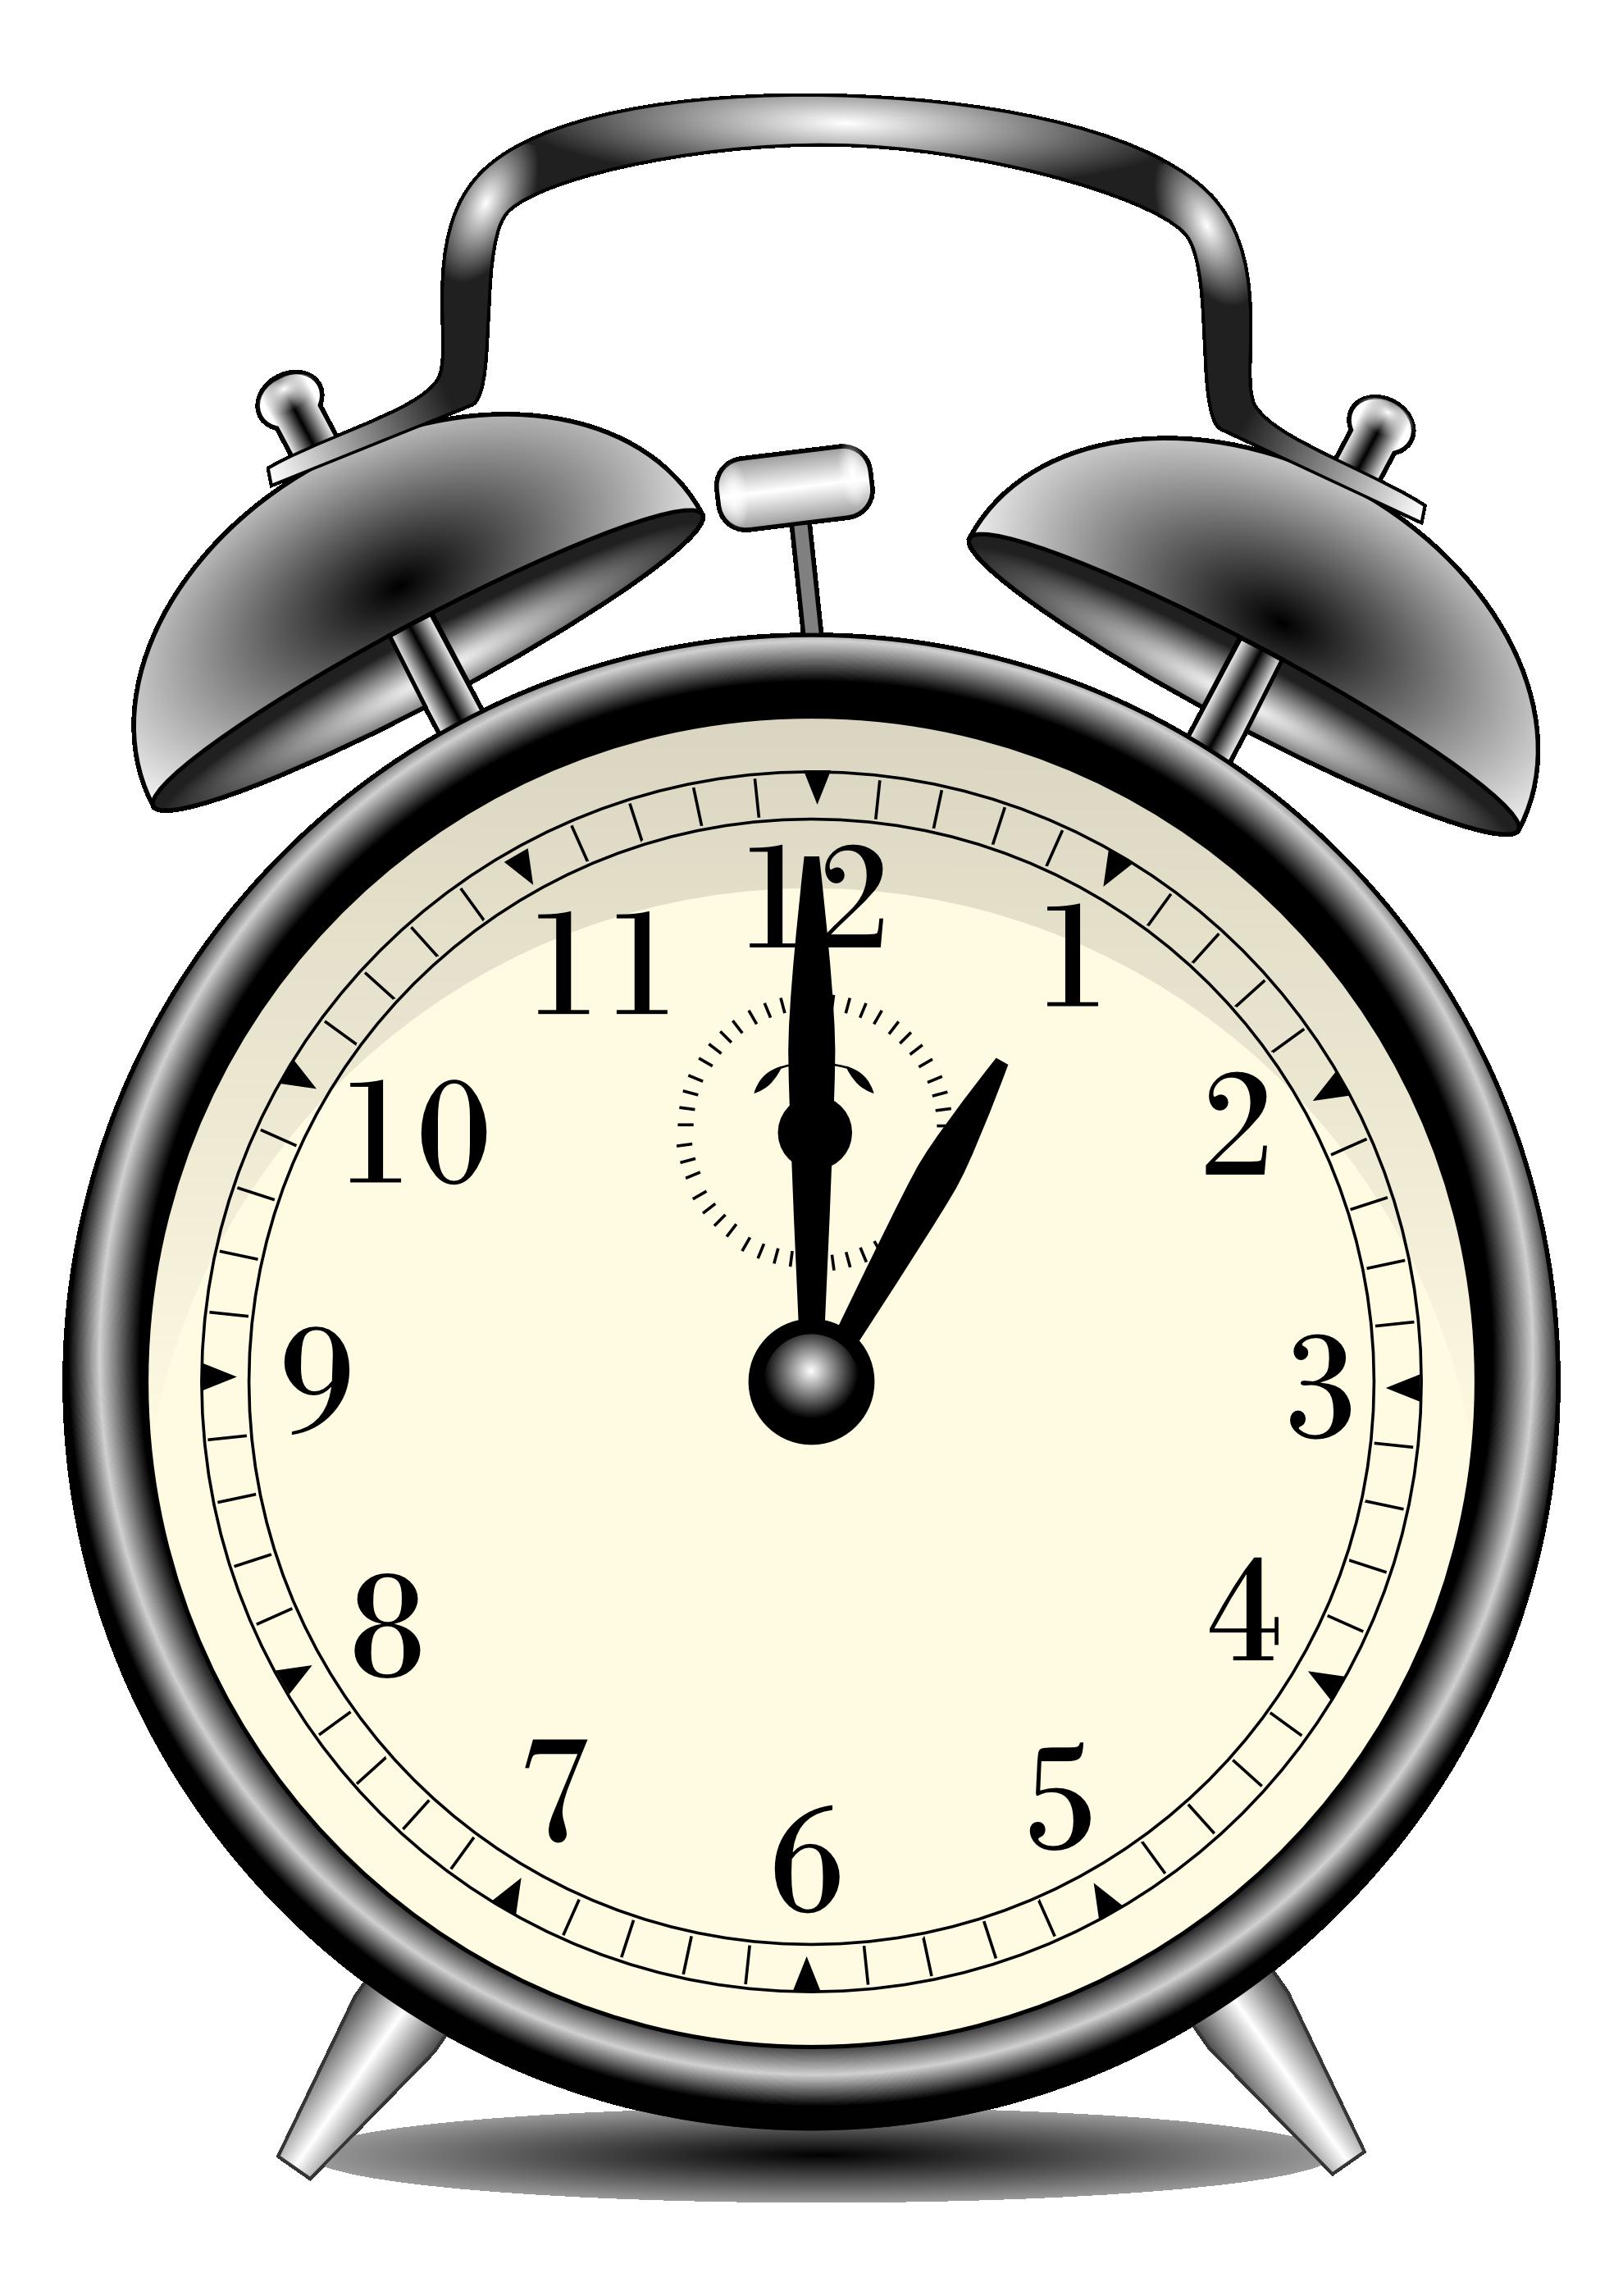 alarm clock png - Clock PNG